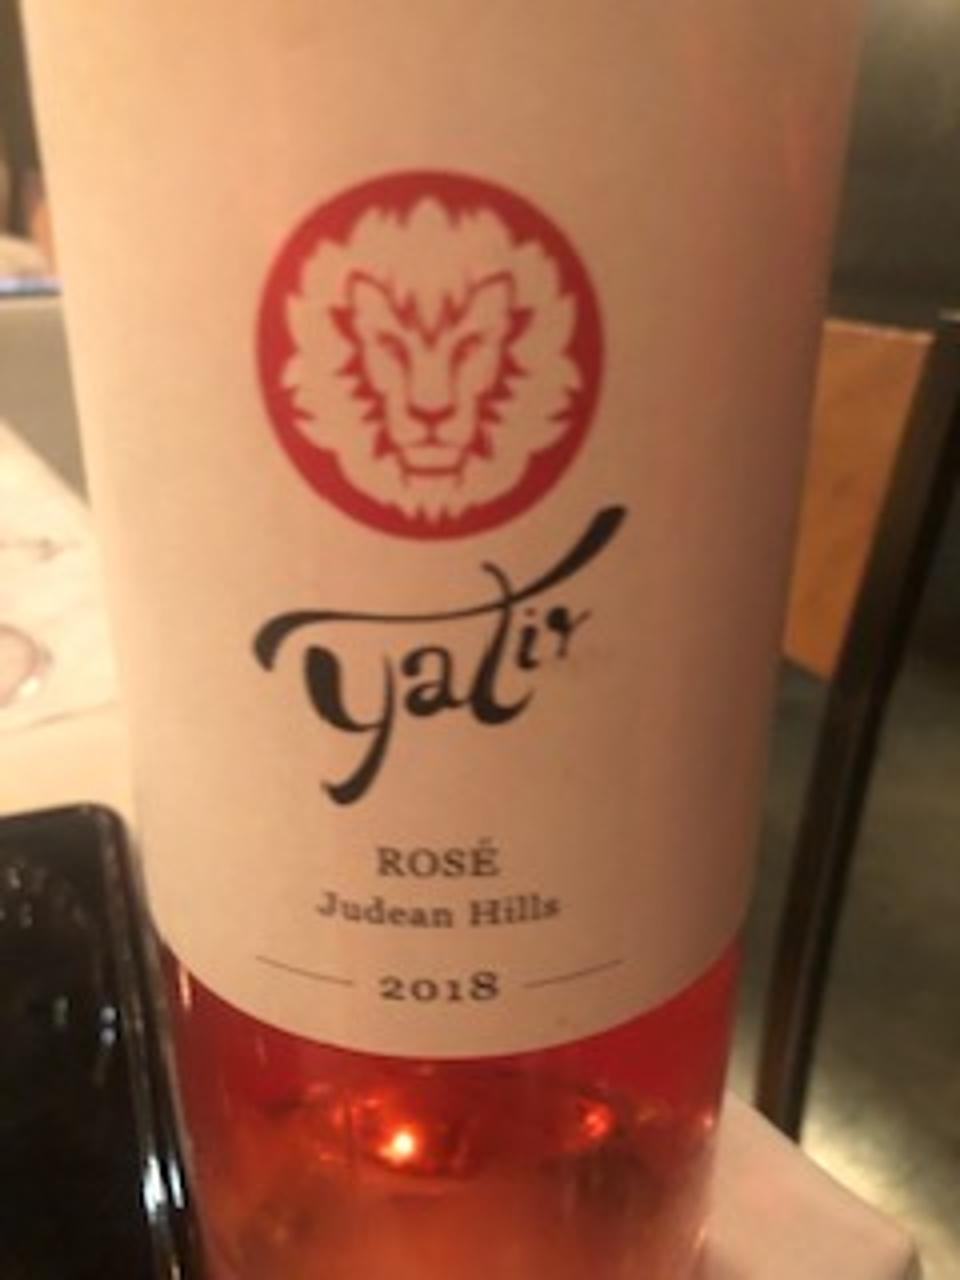 Yatir rosé wine